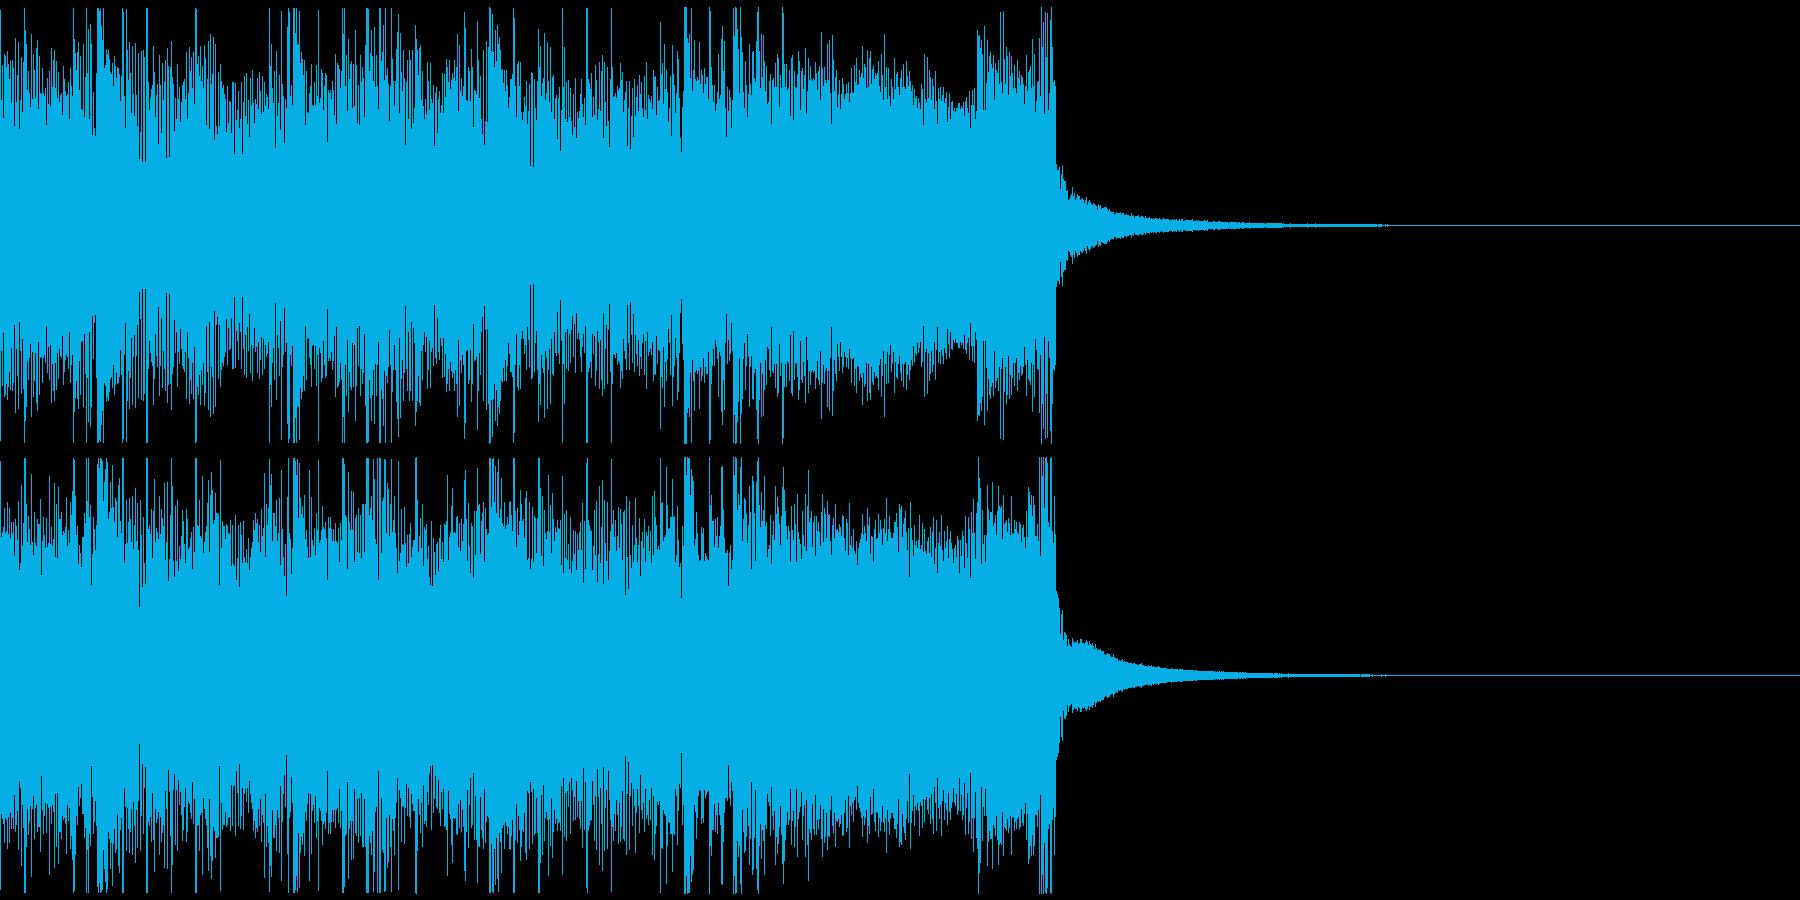 攻撃的で凶悪な雰囲気のメタルジングルの再生済みの波形